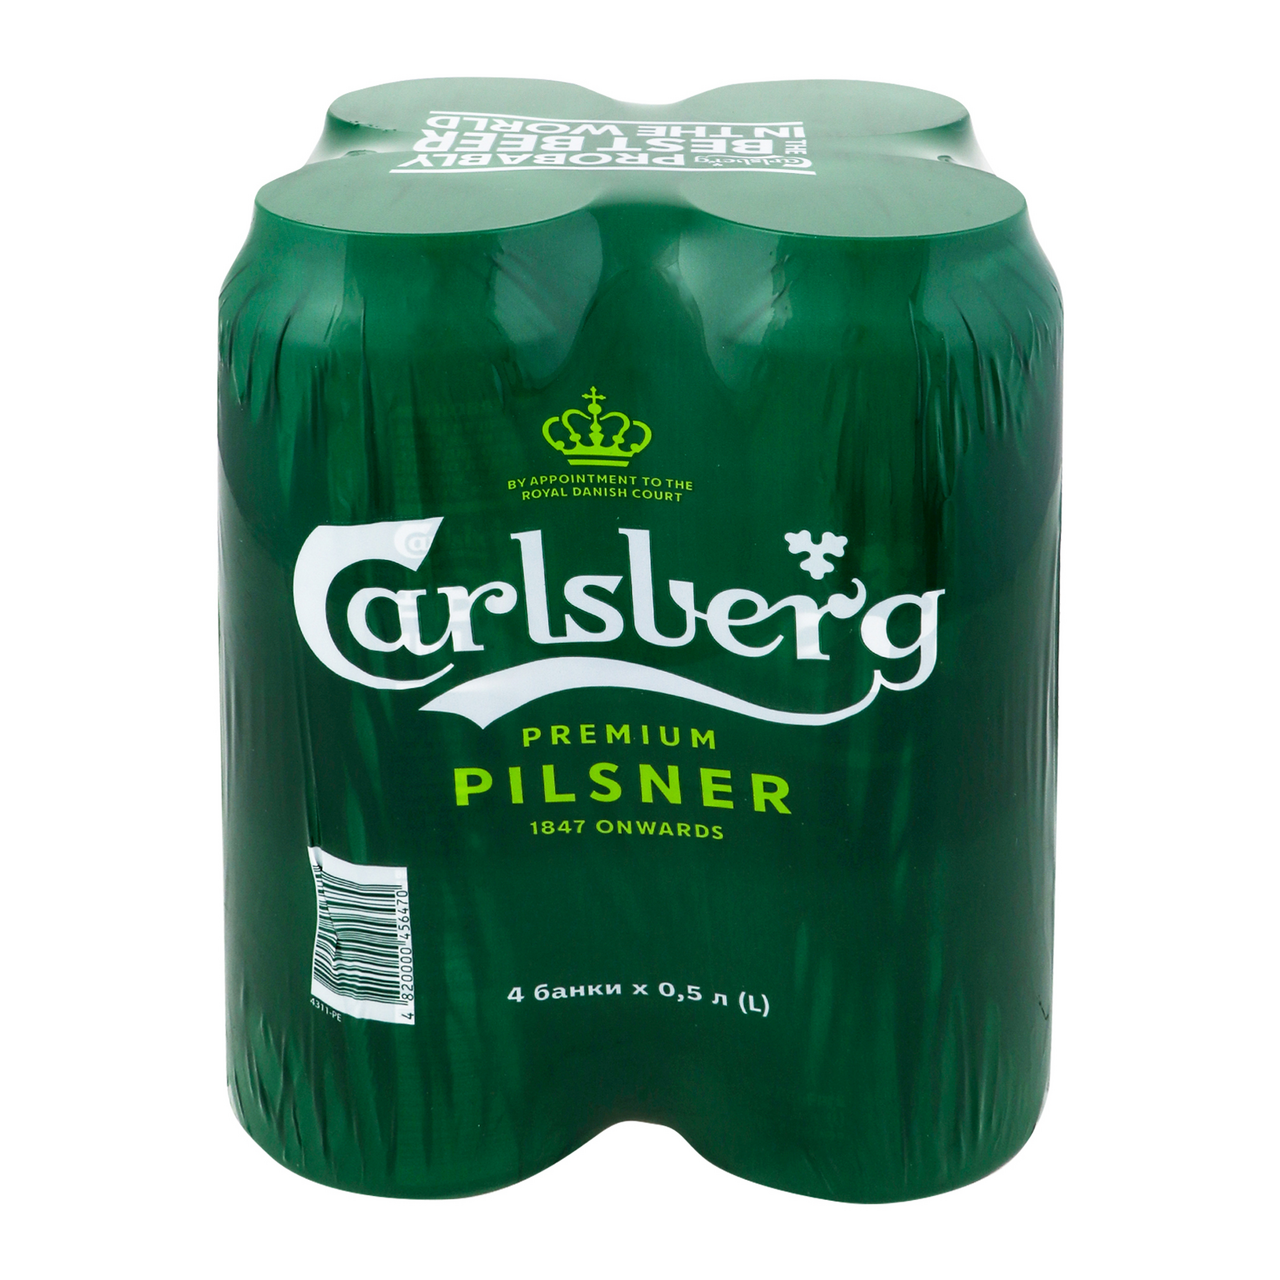 Пиво Сarlsberg світле пастеризоване 5% 4*0.5л/уп